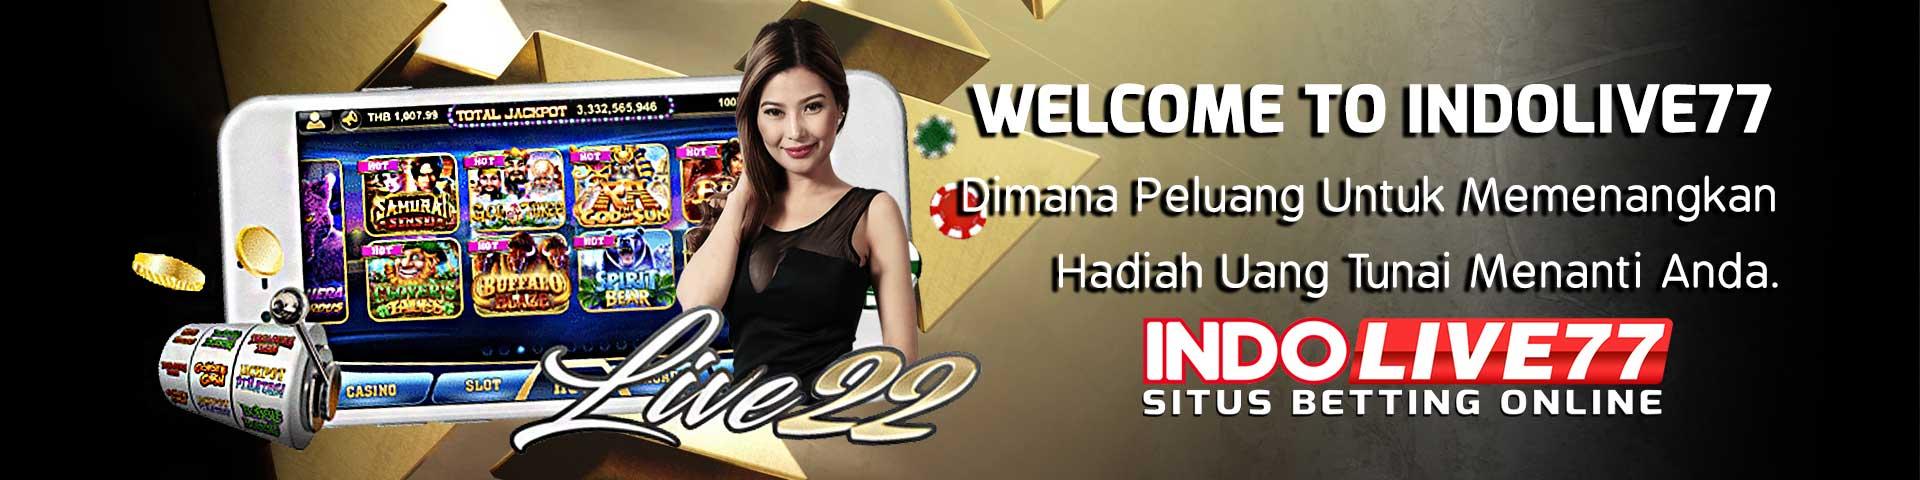 daftar-dan-download-aplikasi-game-slot-online-live22-indonesia